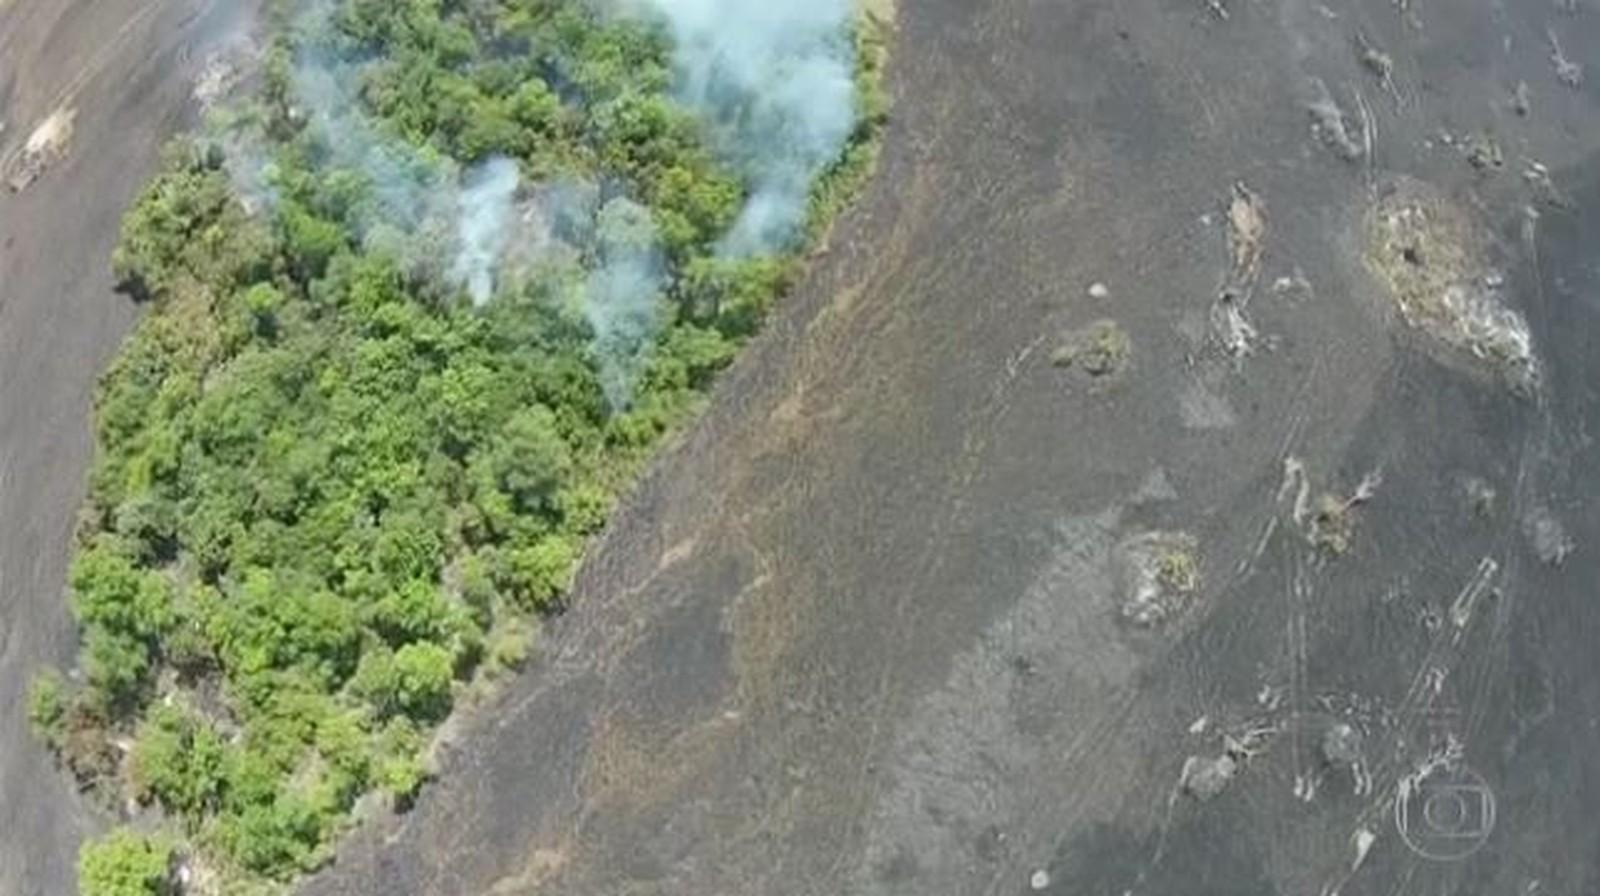 Parque nacional devastado por incêndio em 2017 volta a ter focos de queimada